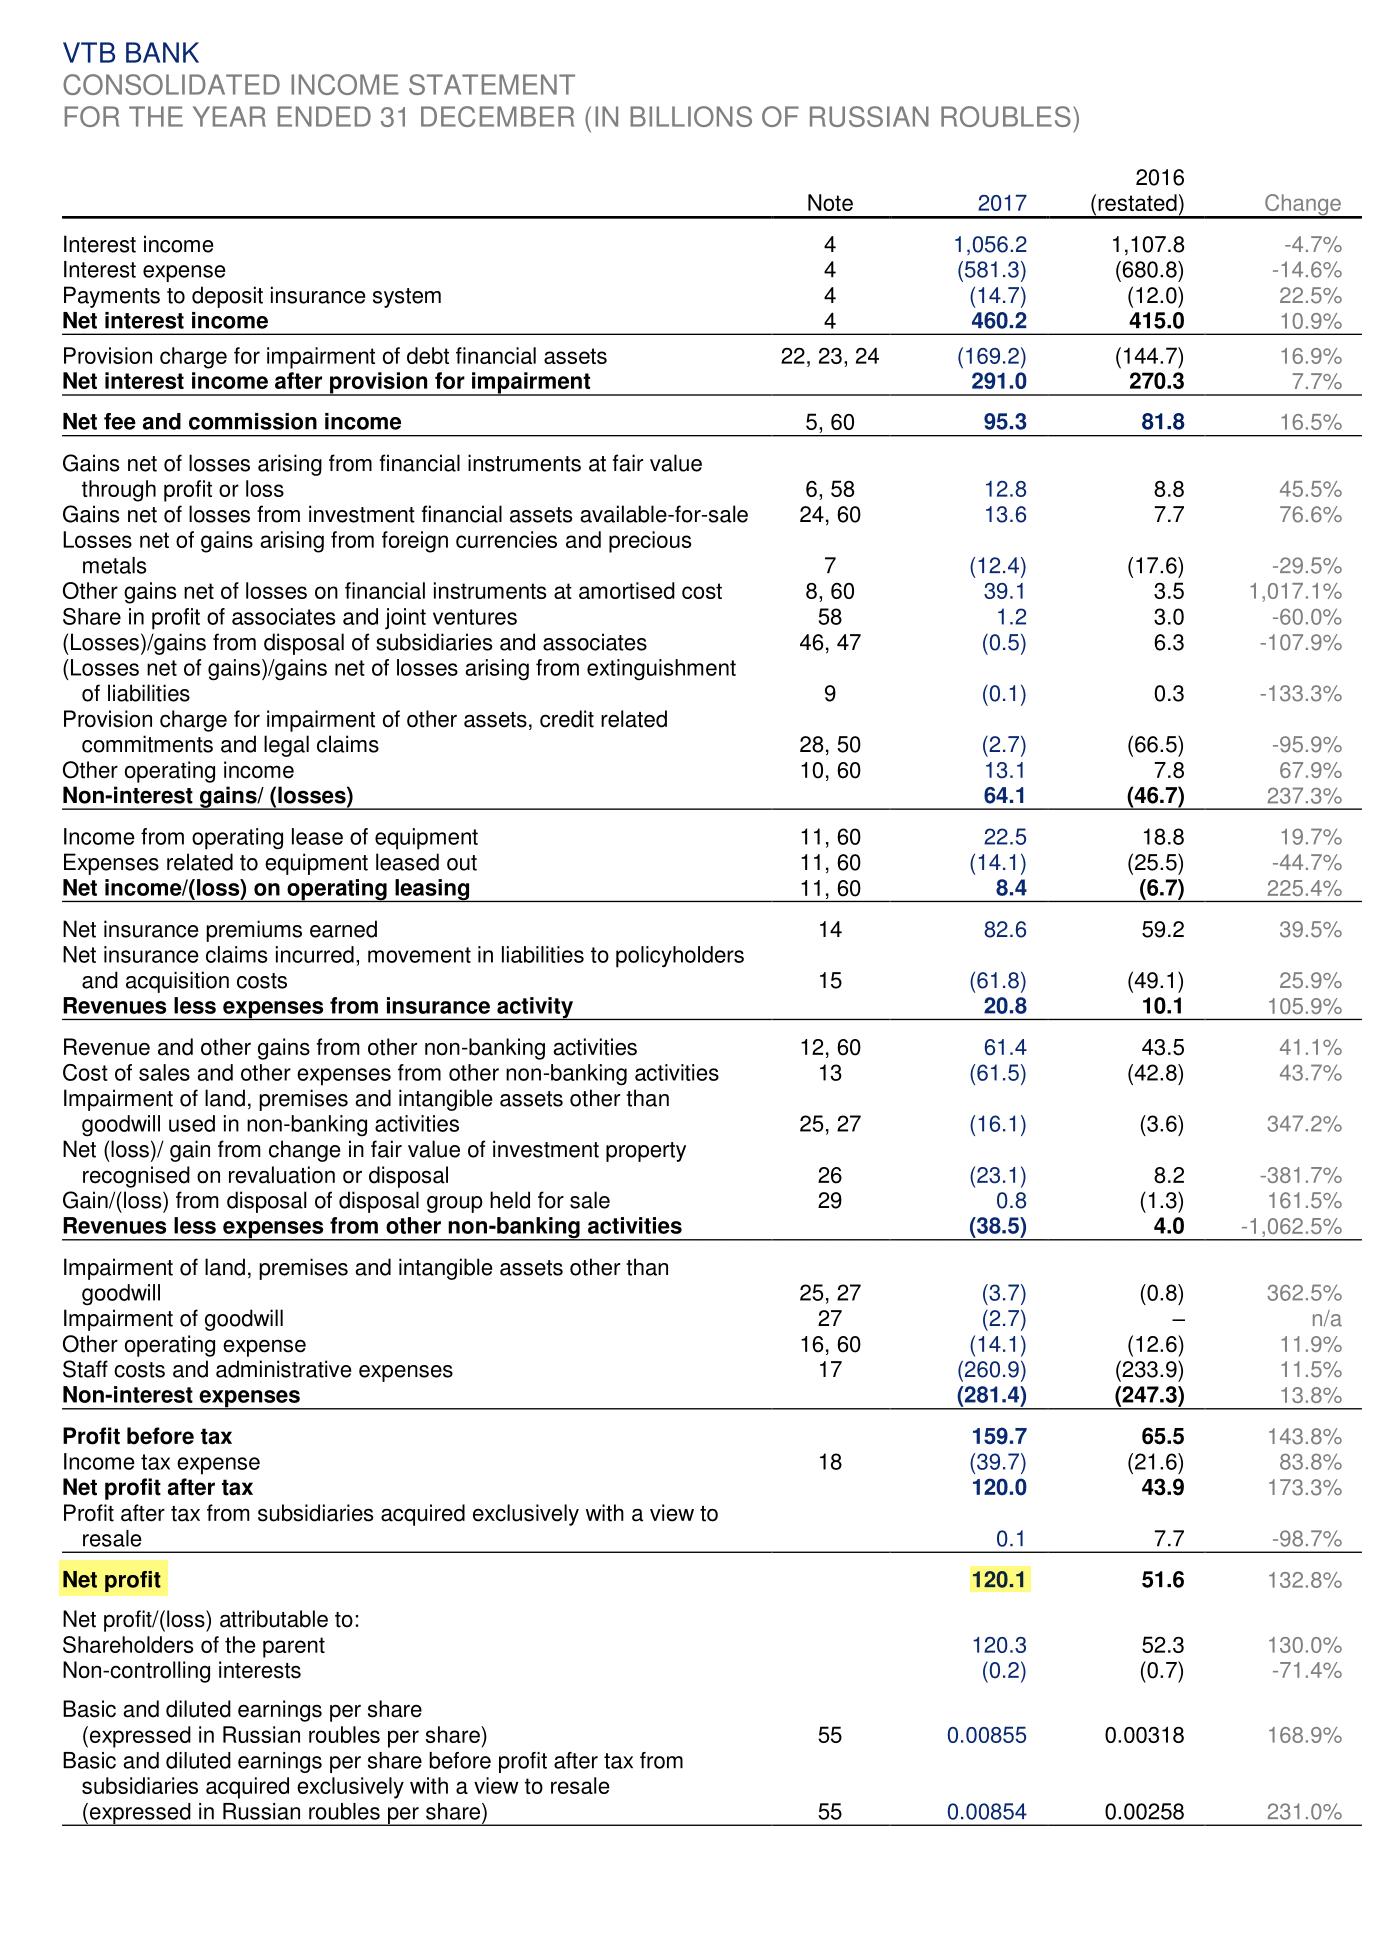 Страница 11 отчета ВТБ по итогам 2017 года